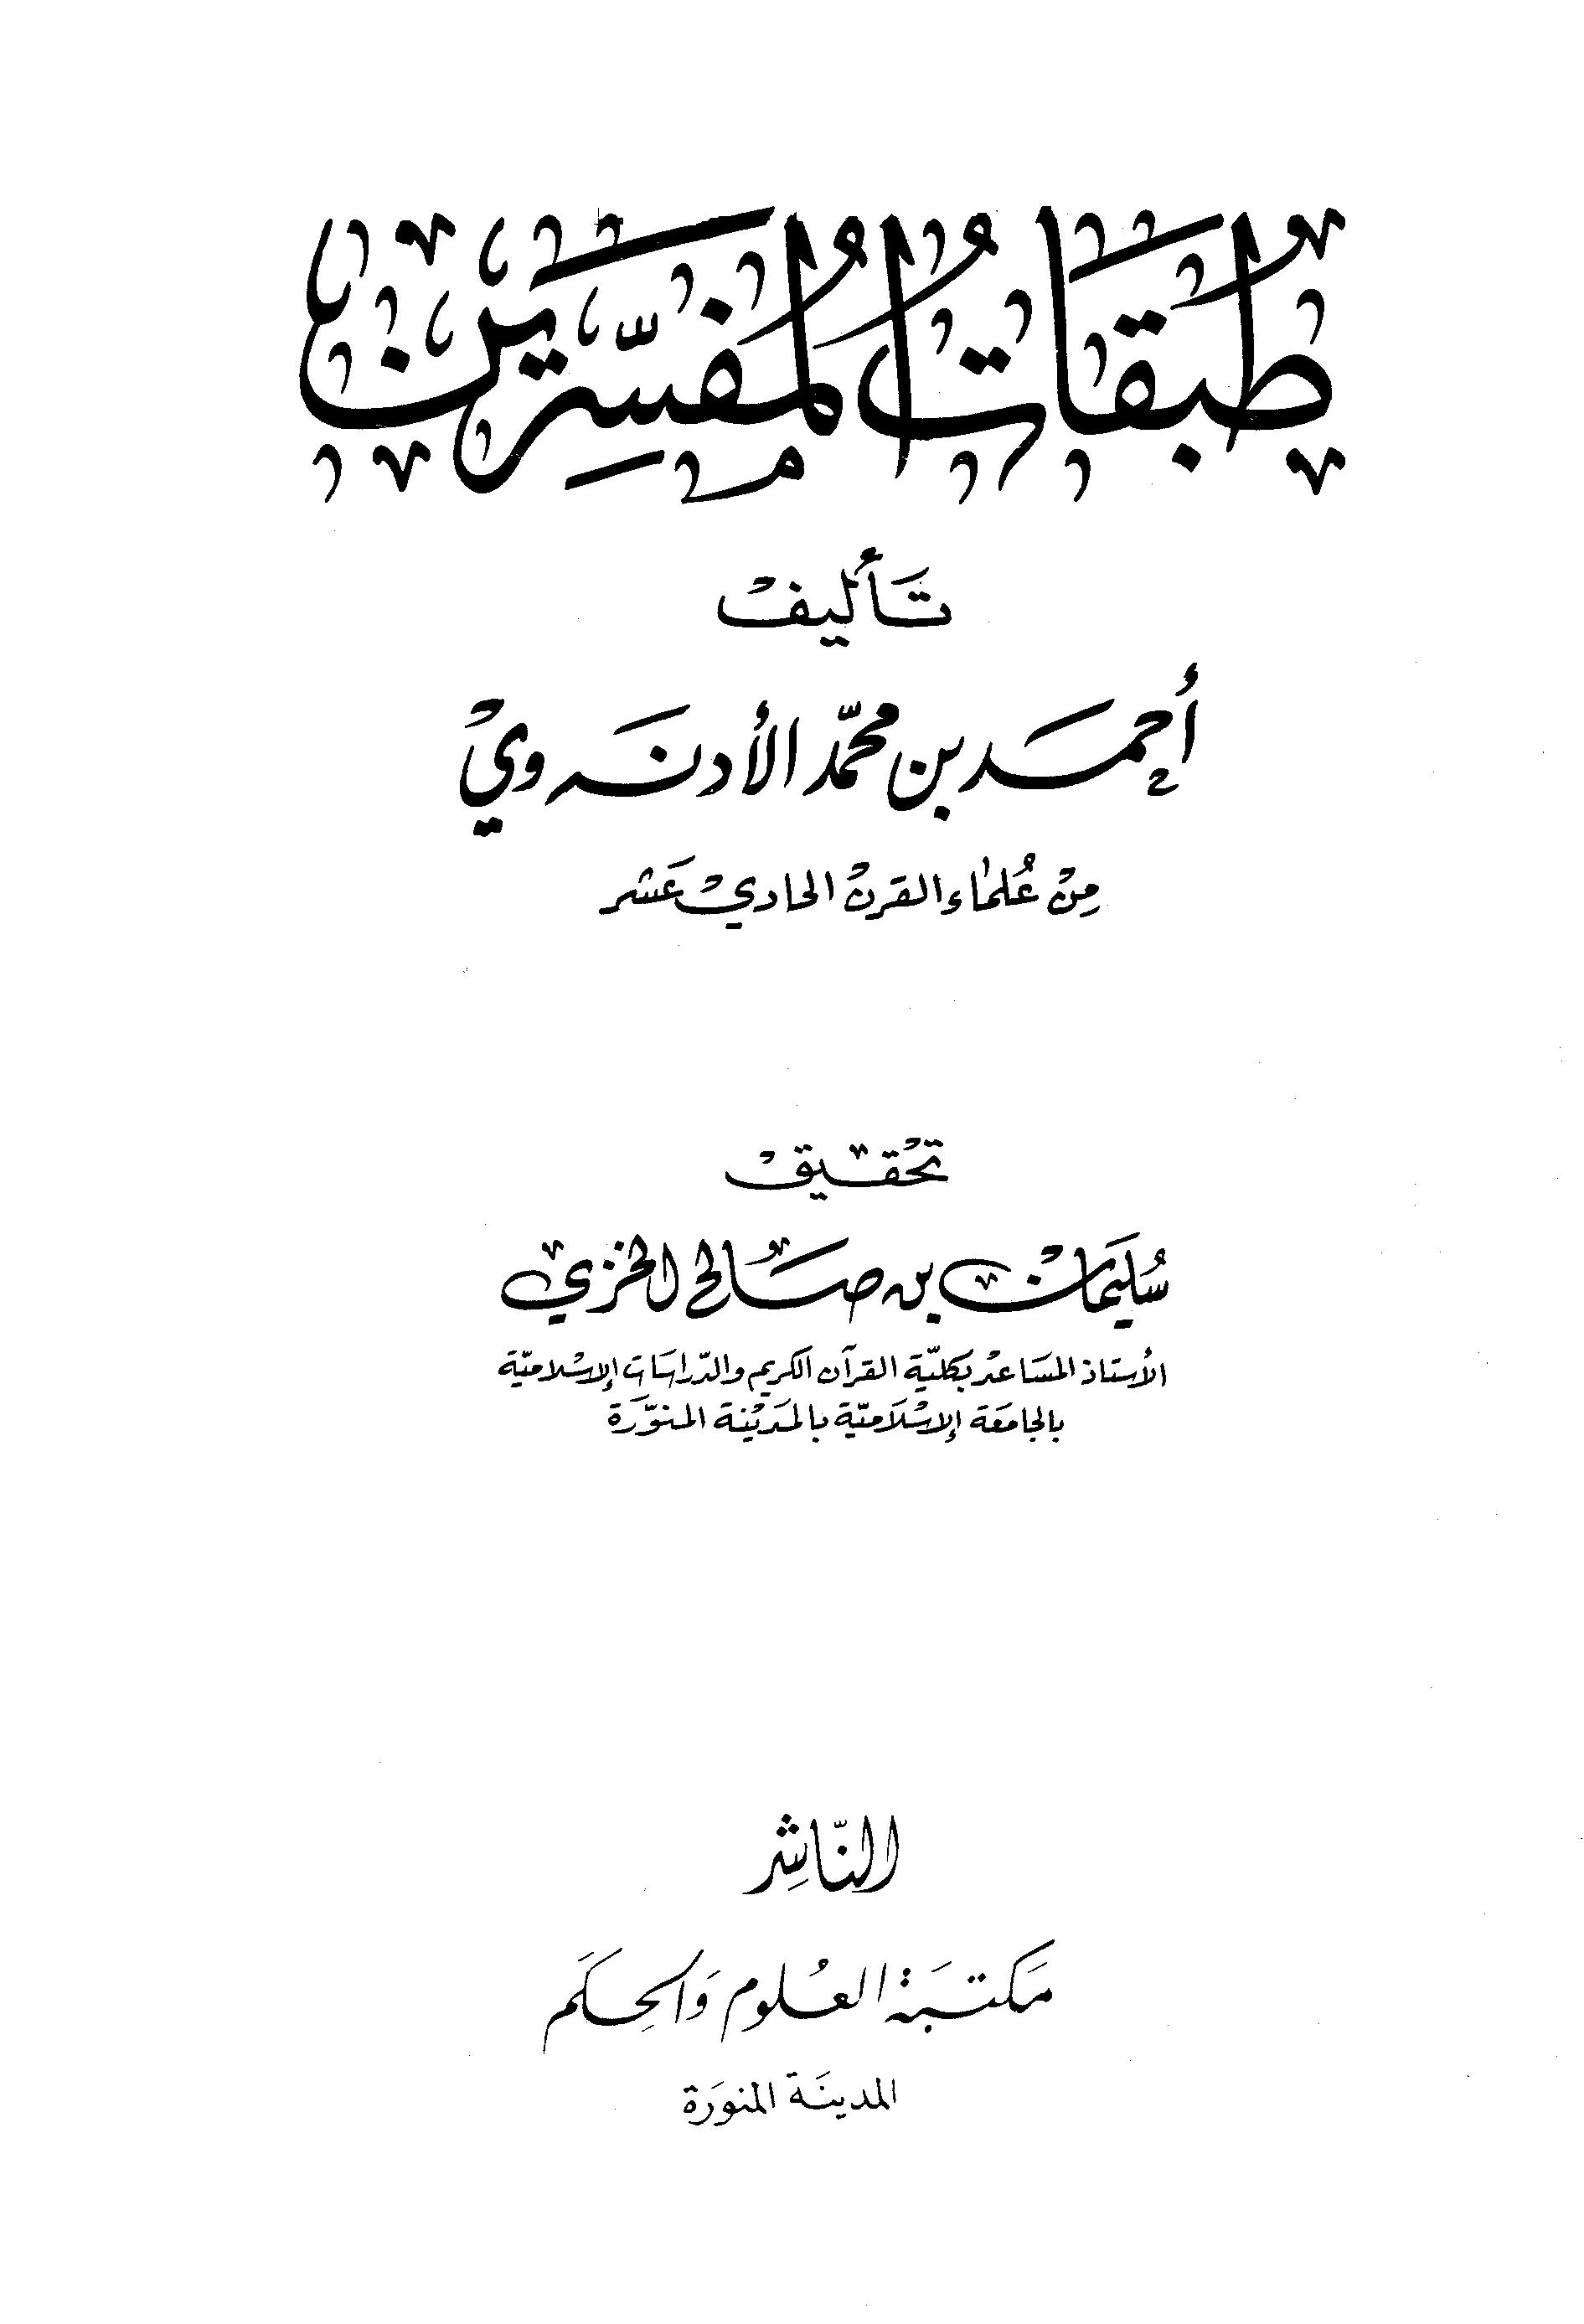 تحميل كتاب طبقات المفسرين (الأدنه وي) لـِ: الشيخ أحمد بن محمد الأدنه وي